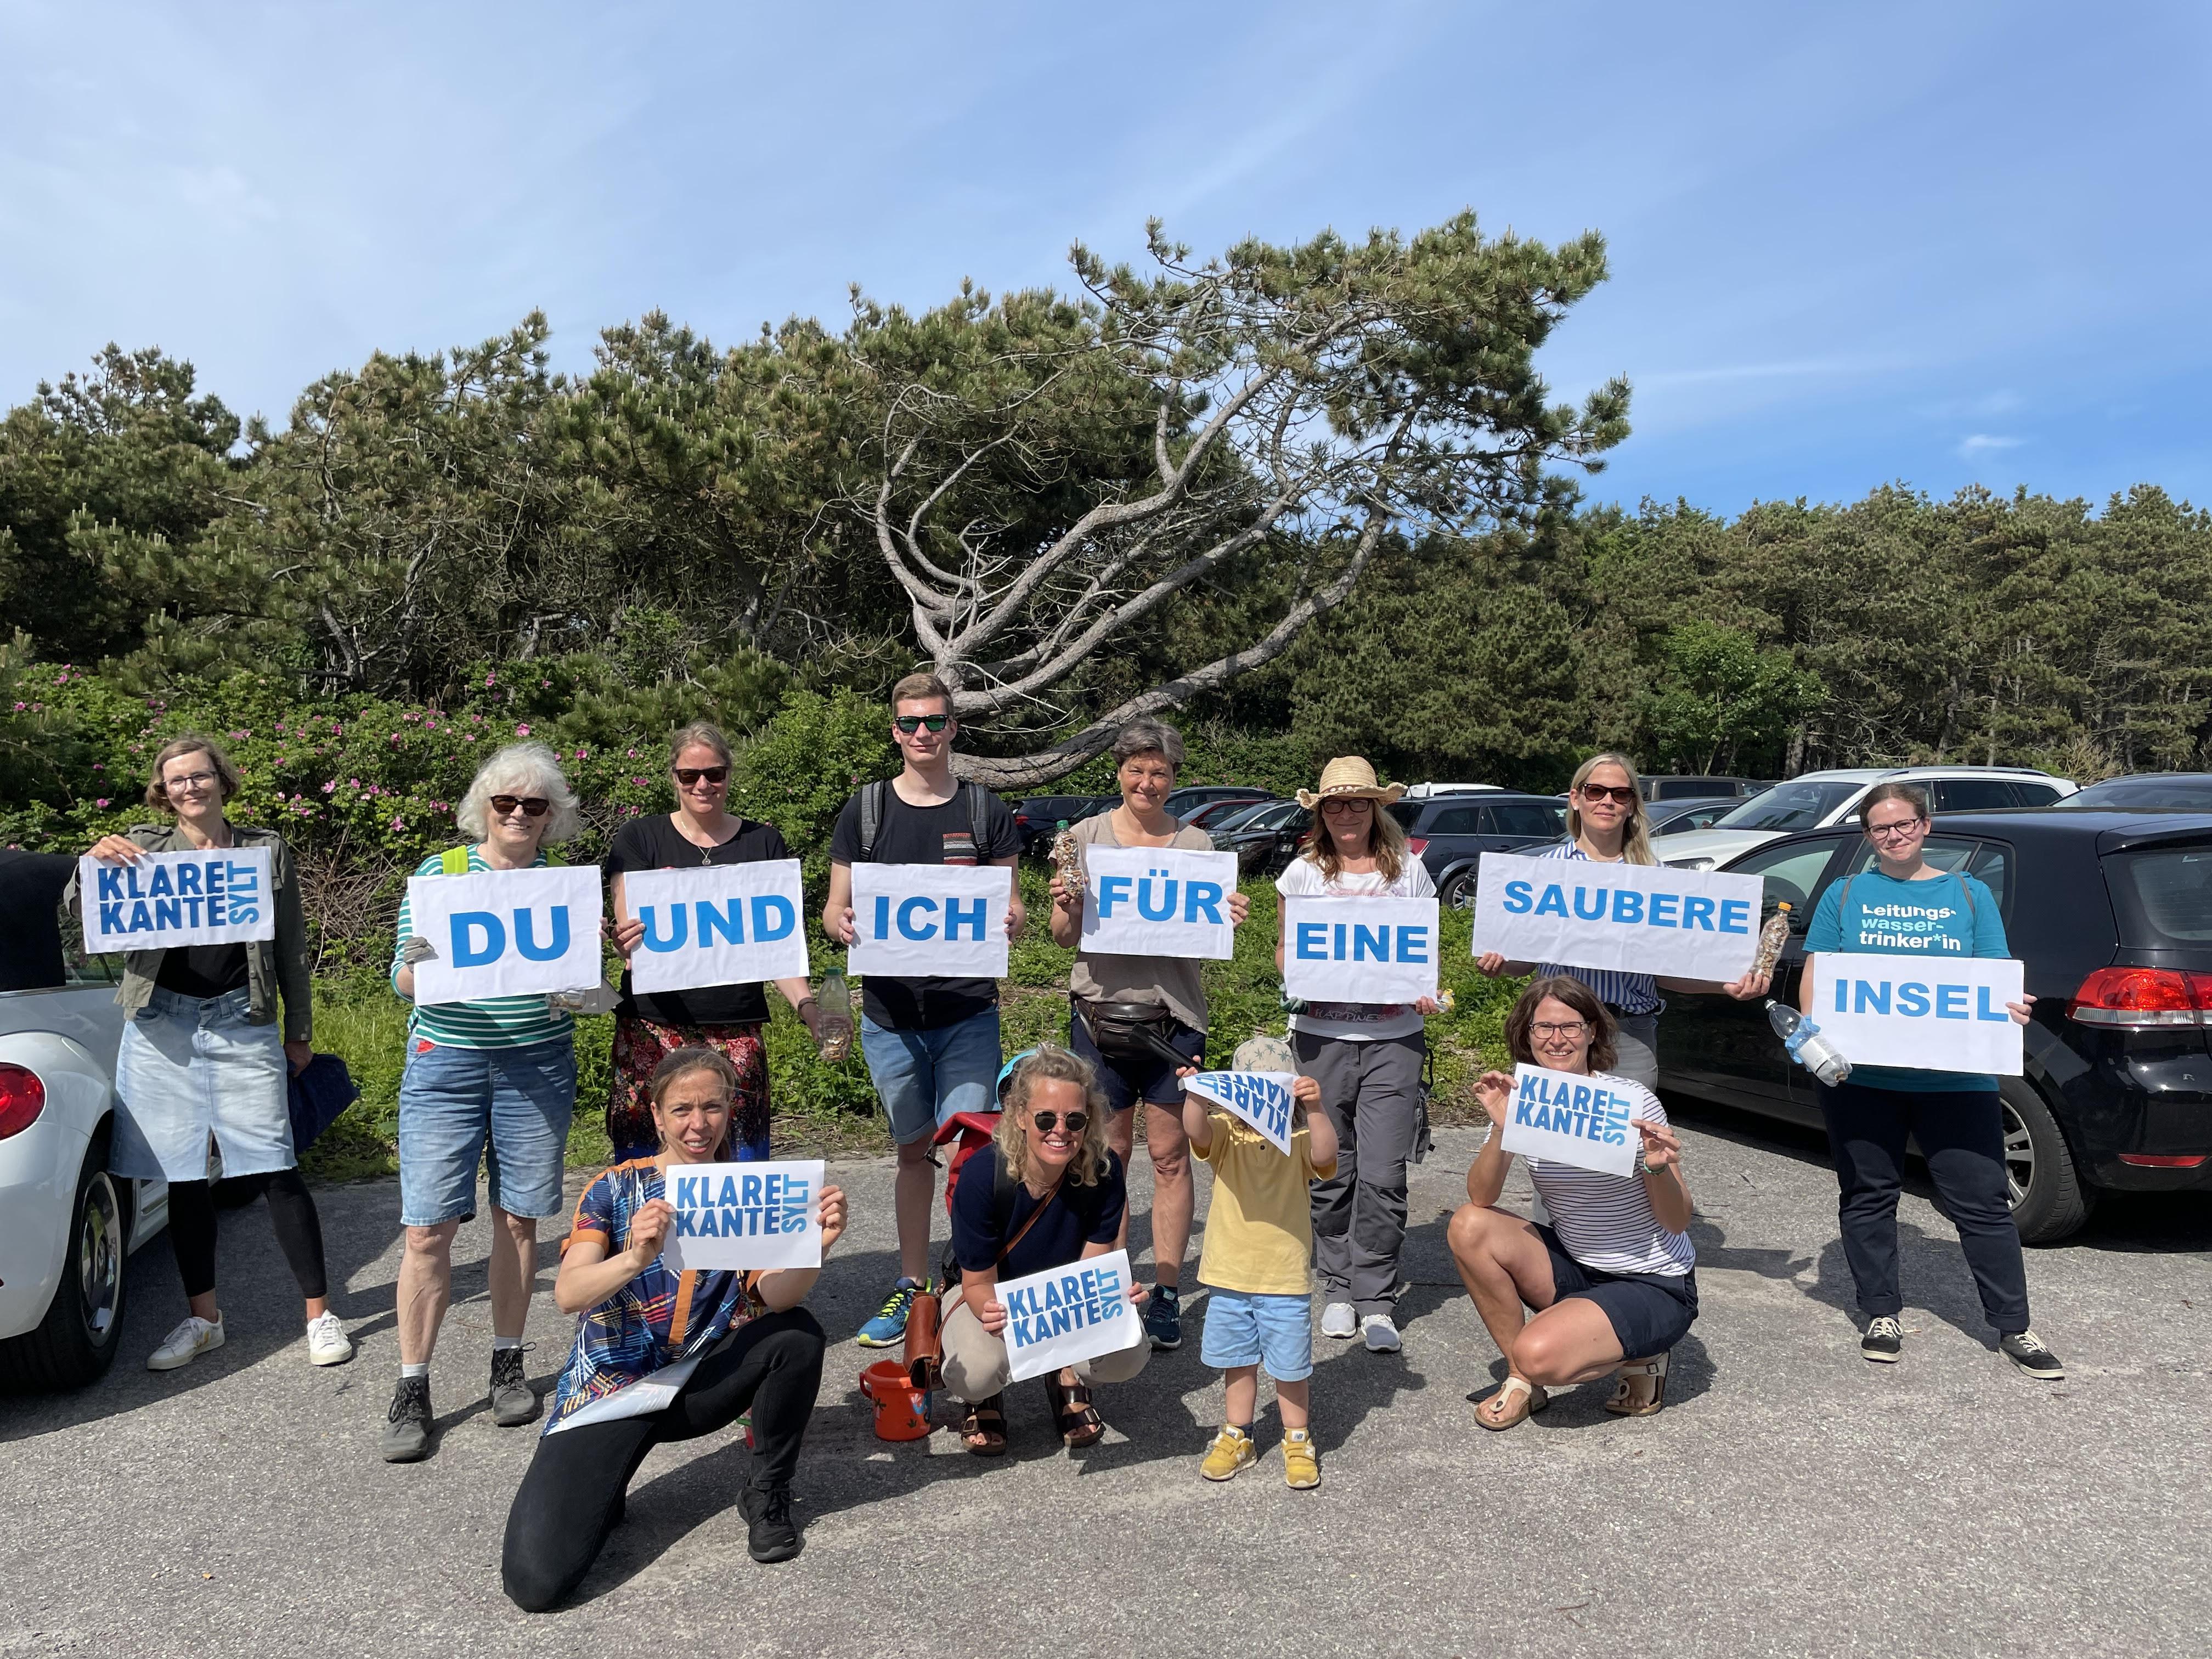 Sylter und Gäste sammelten gemeinsam für unsere Umwelt